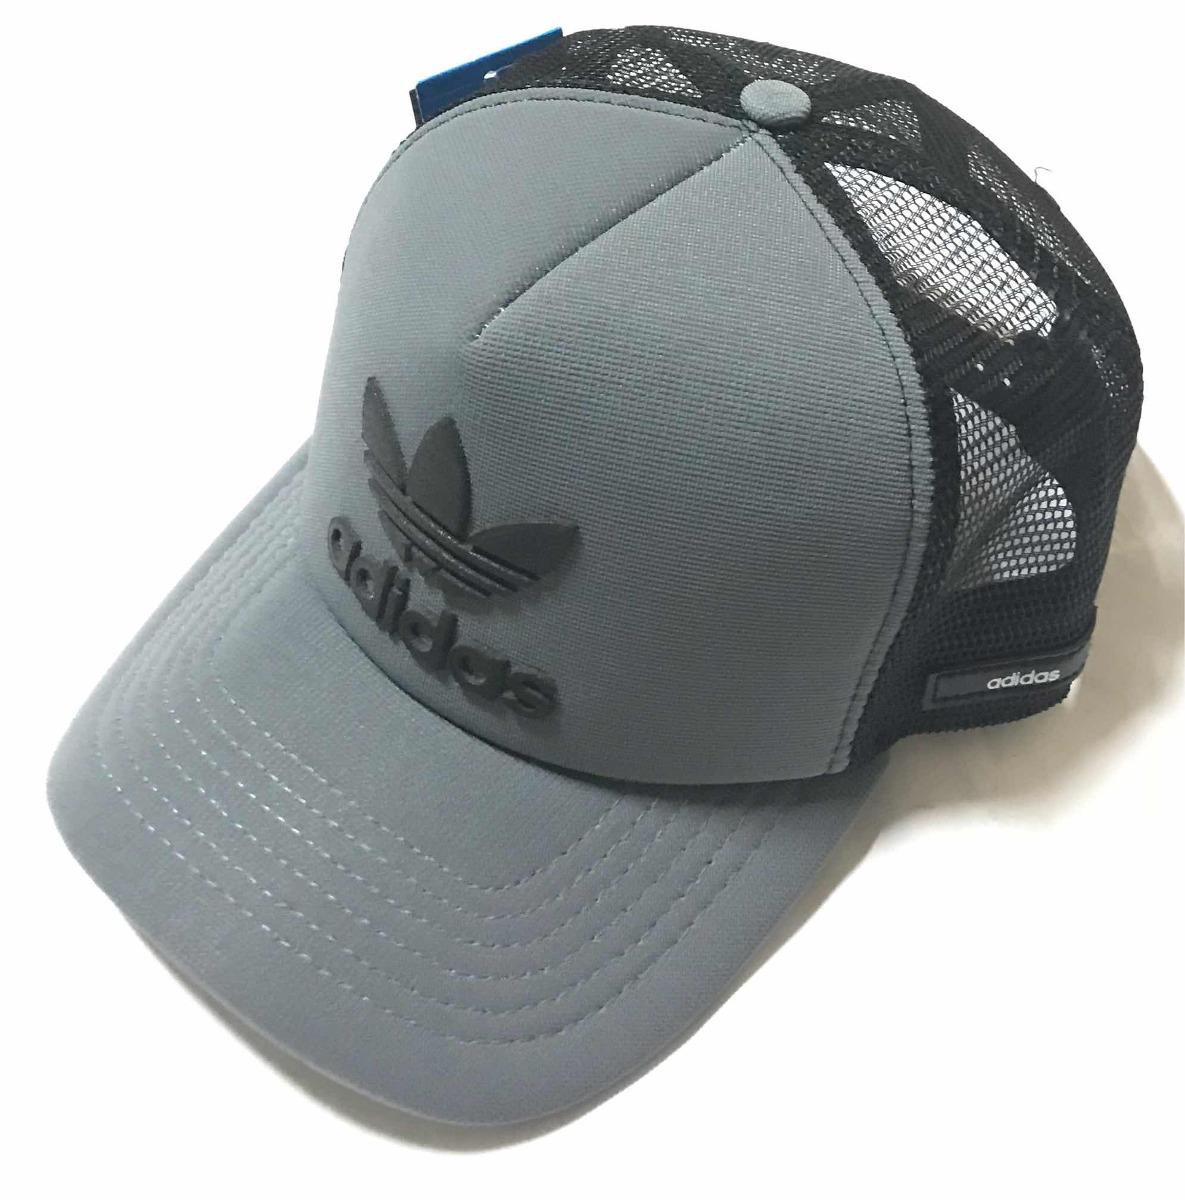 00ab4e5fa3 Boné adidas Trucker Masculino Prime Top Snapback - R$ 54,99 em ...